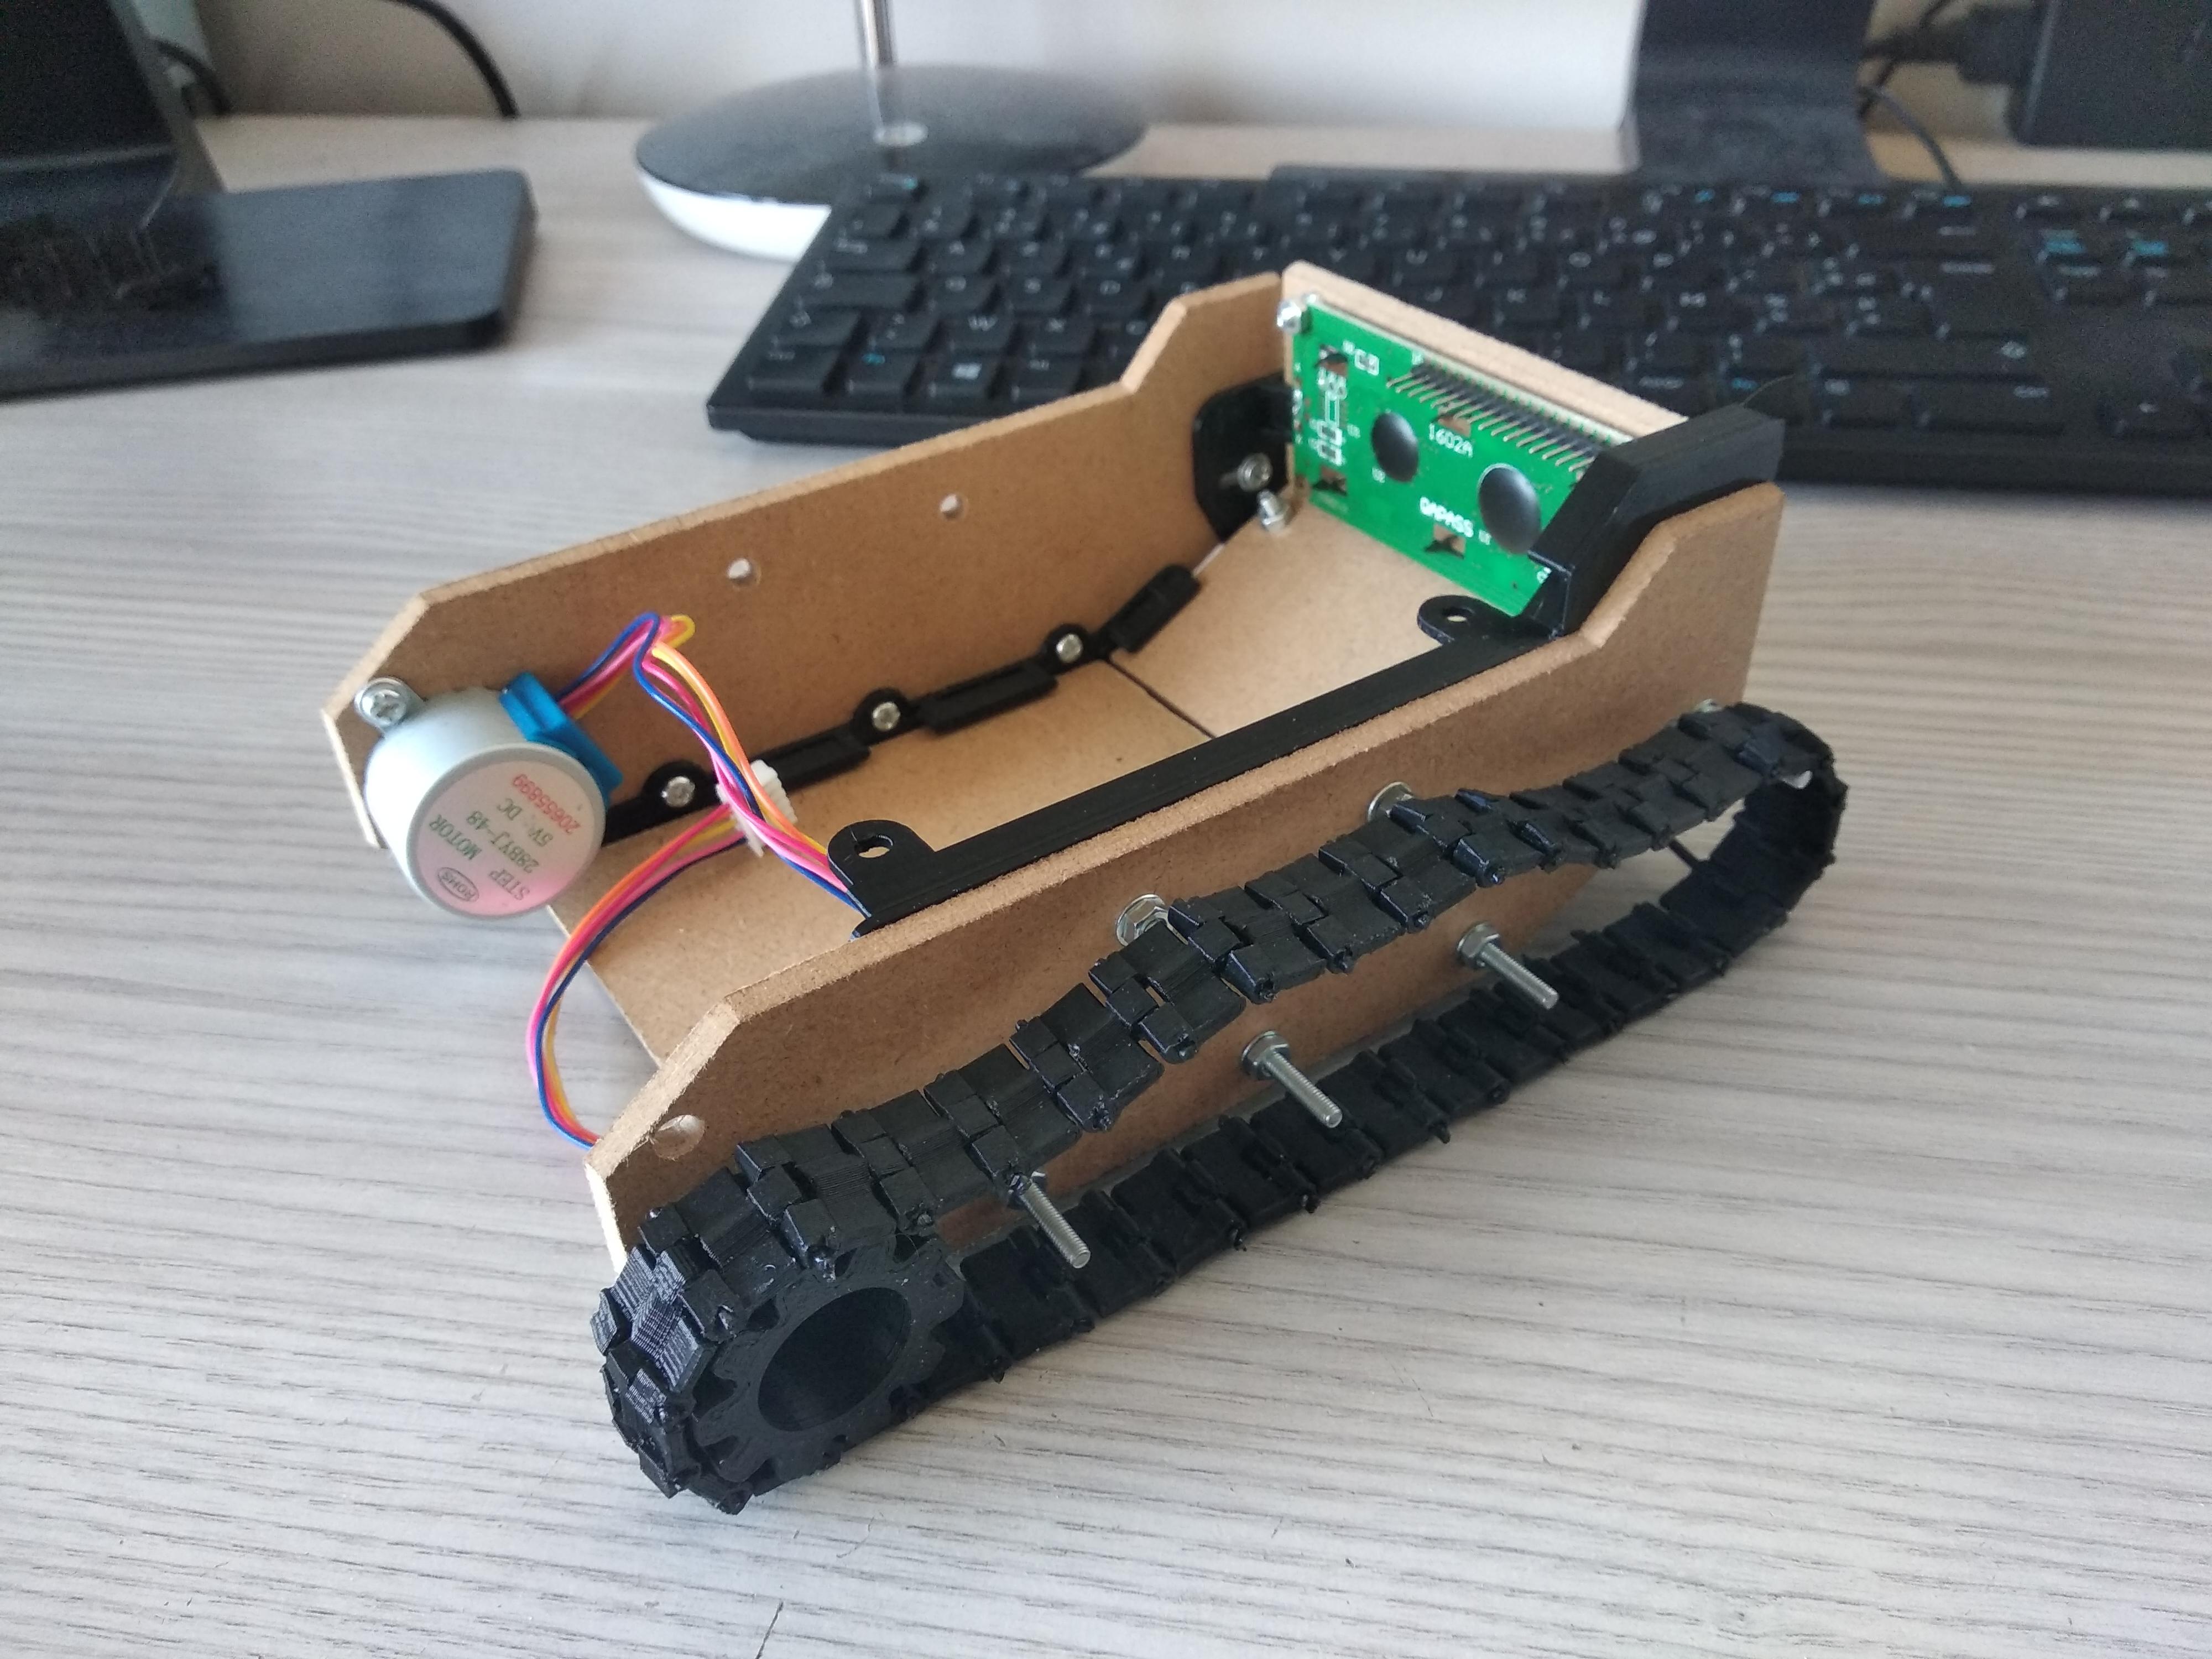 Pièce 3D qui maintiendra les trois planches du dessus fixé au char, tank de côté